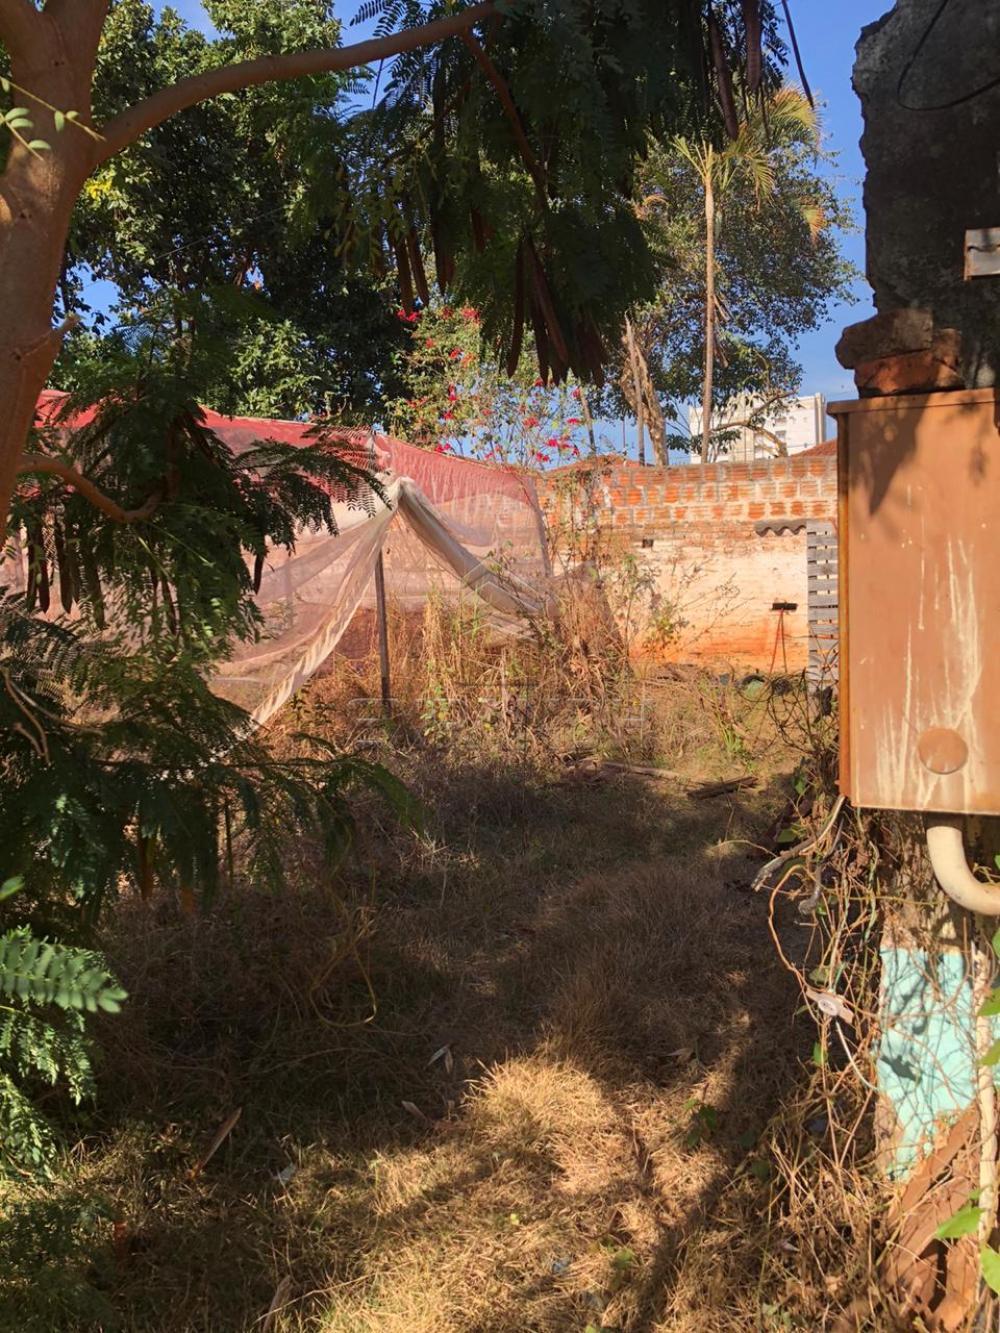 Alugar Terrenos / Área em Sertãozinho R$ 1.200,00 - Foto 5